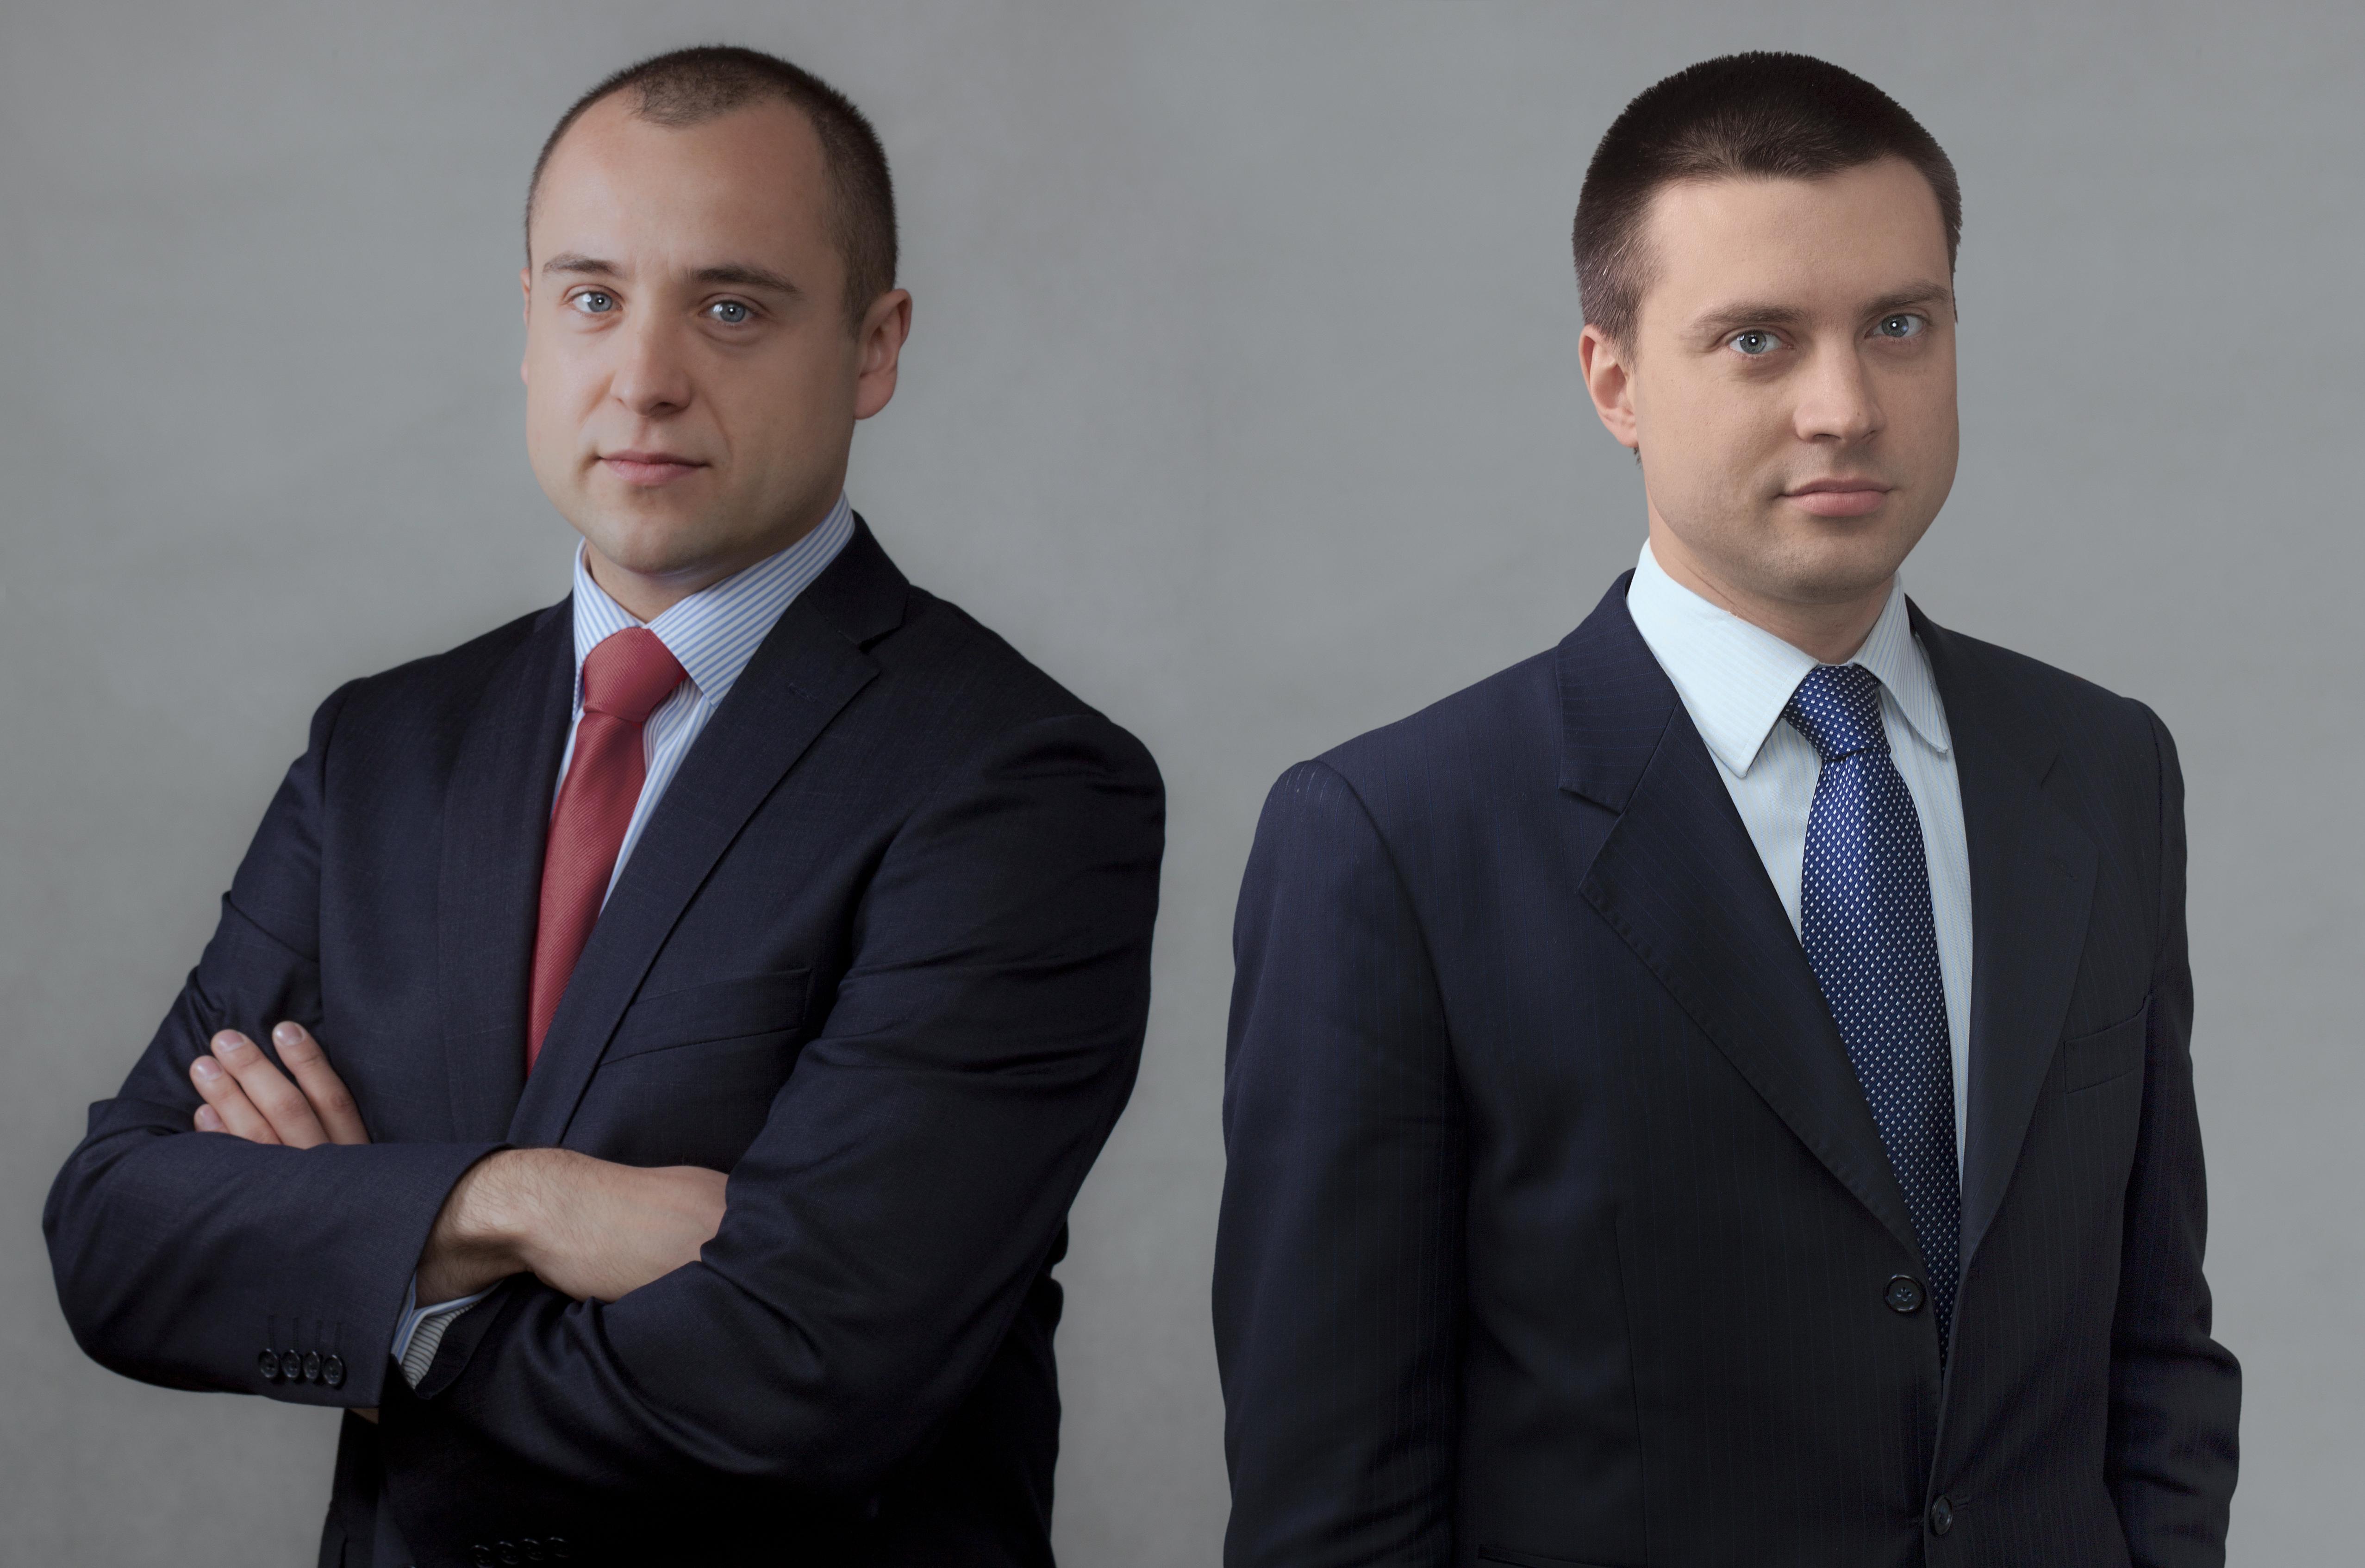 Fairfield – nowa marka na rynku usług prawniczych w Polsce